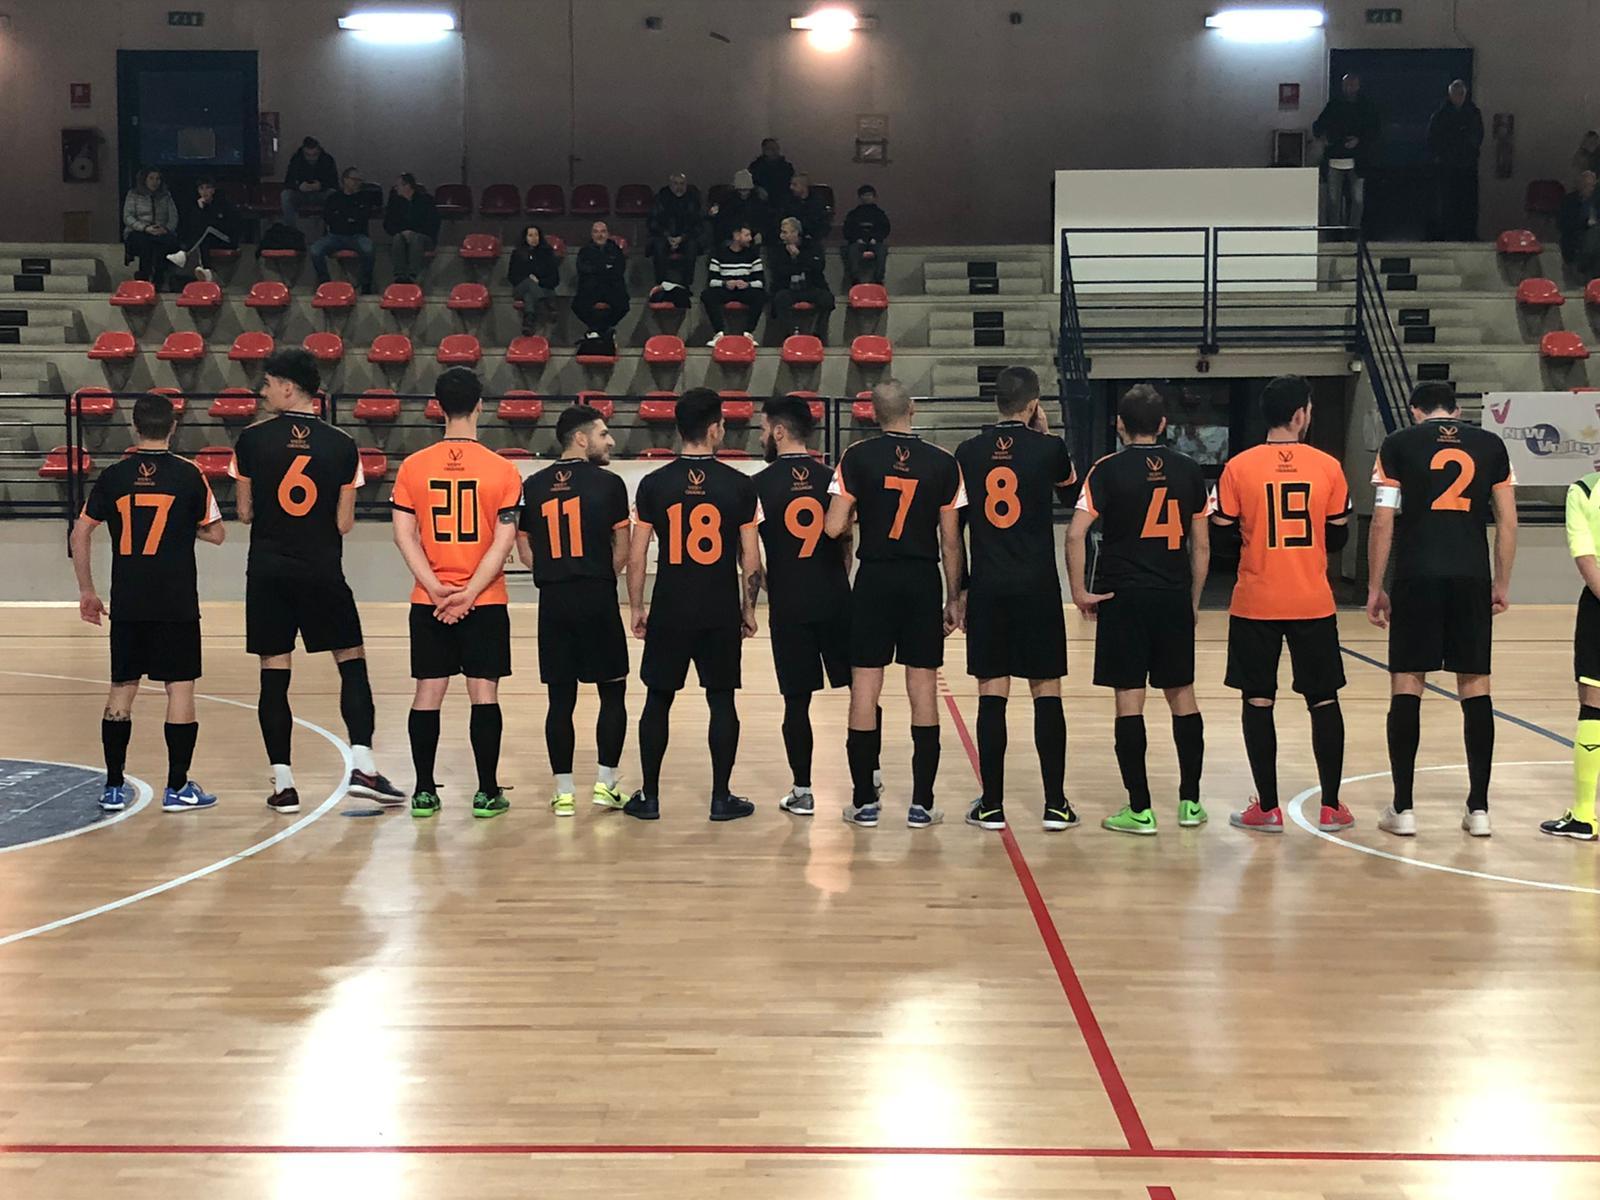 CALCIO A 5 SERIE C1 13a di campionato: PALAEXTRA vs LEON  6-4